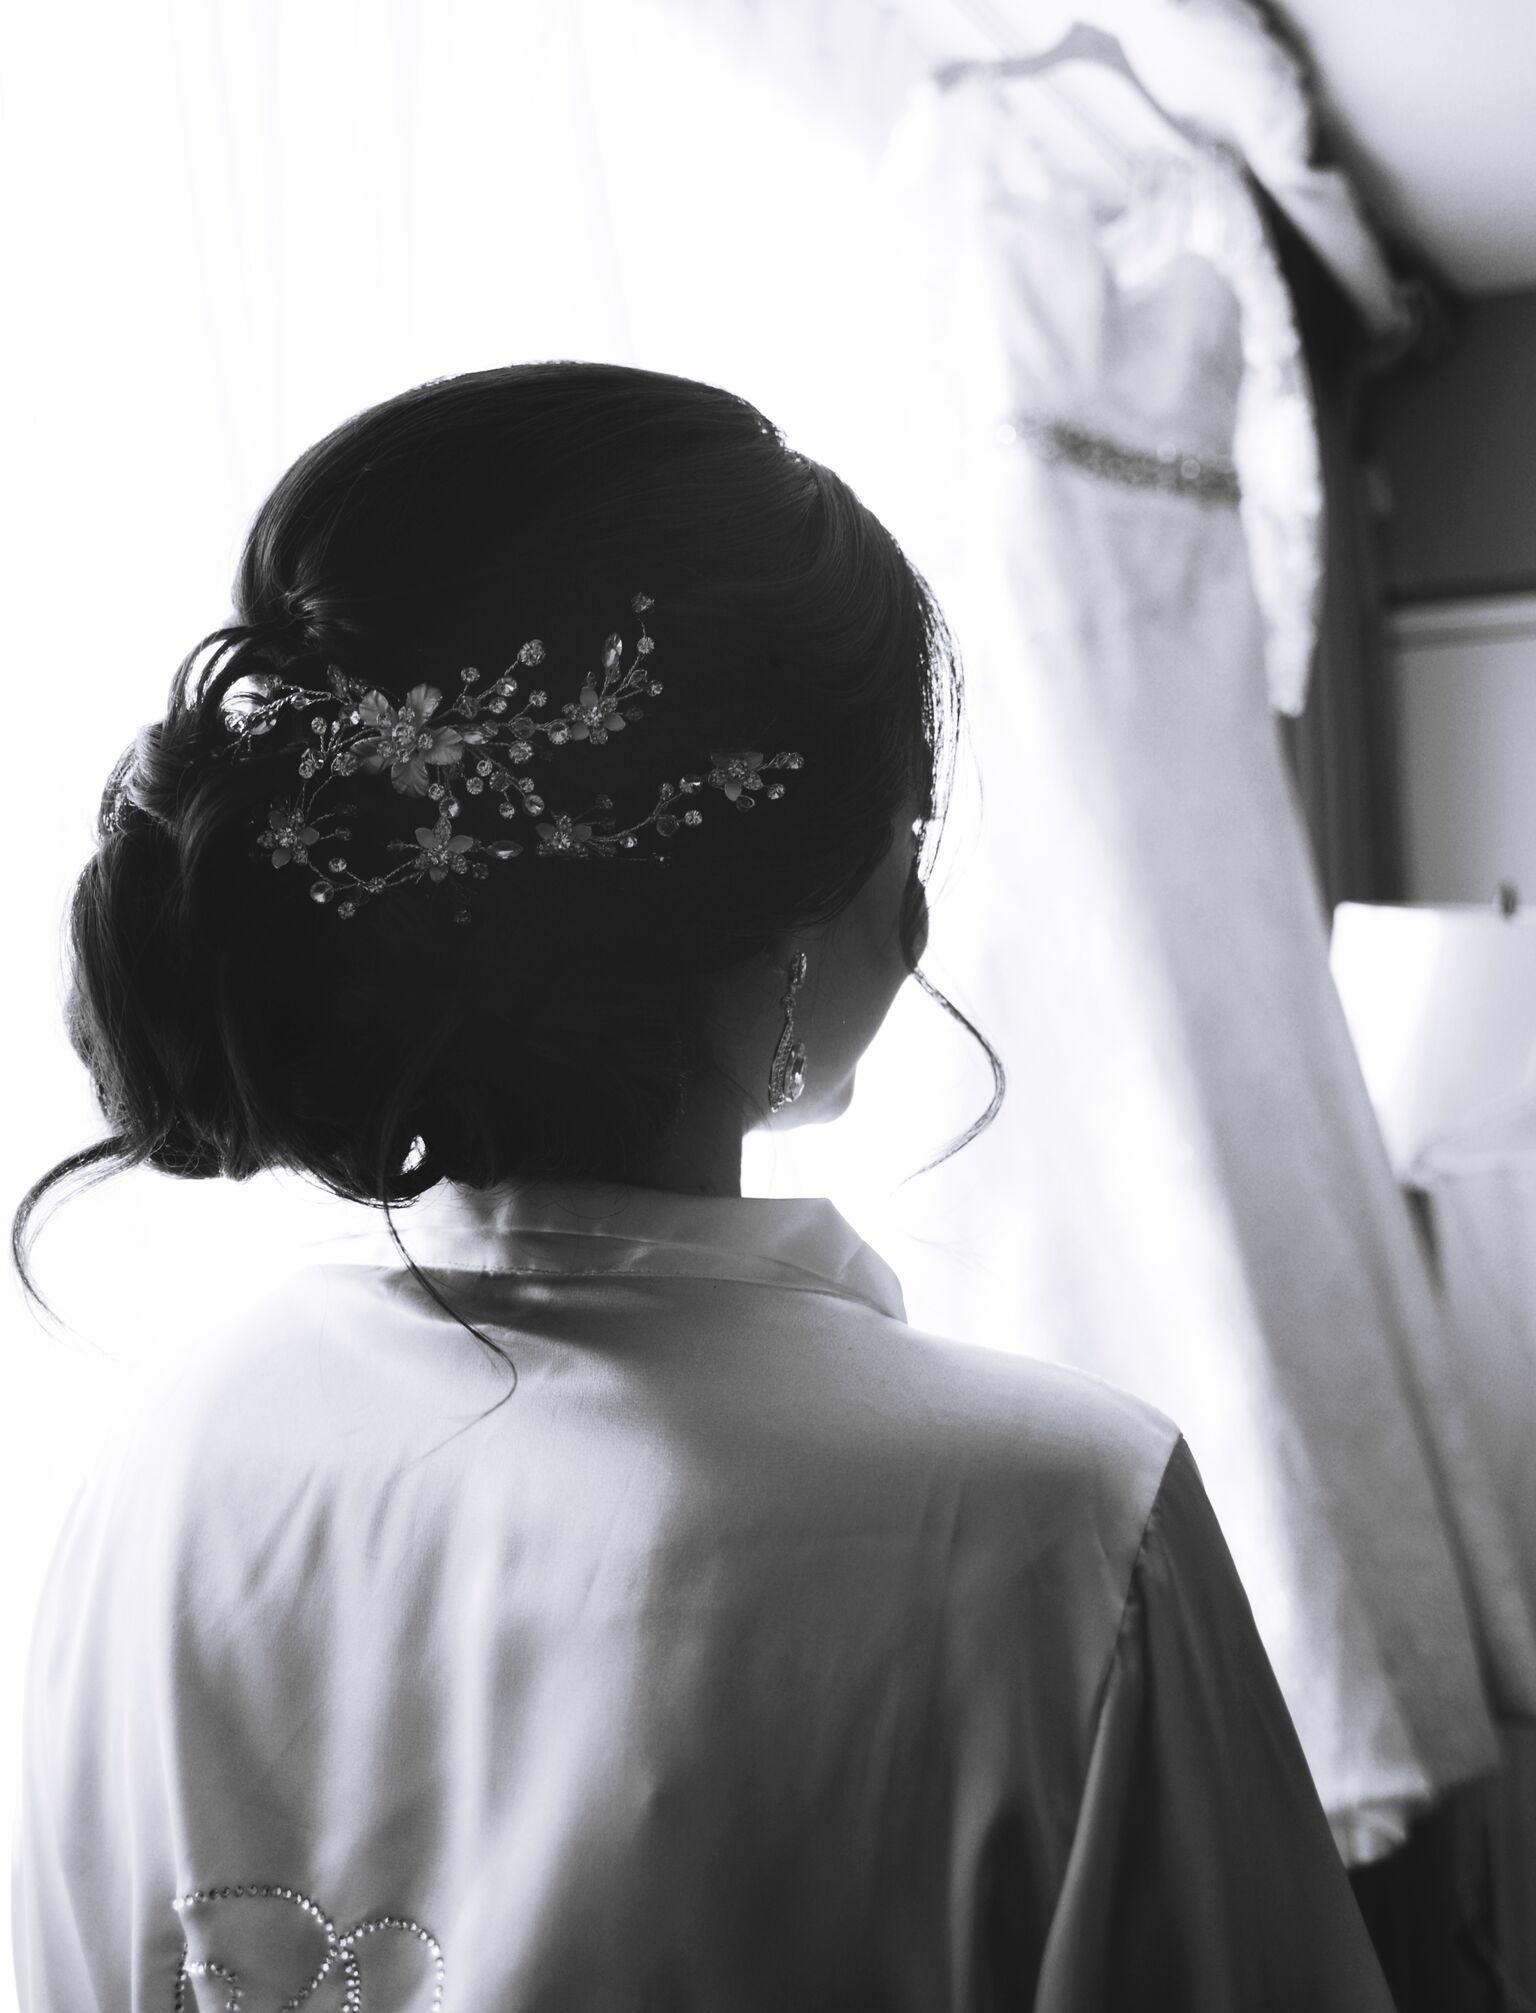 Bride-Looking-Dress_preview.jpg